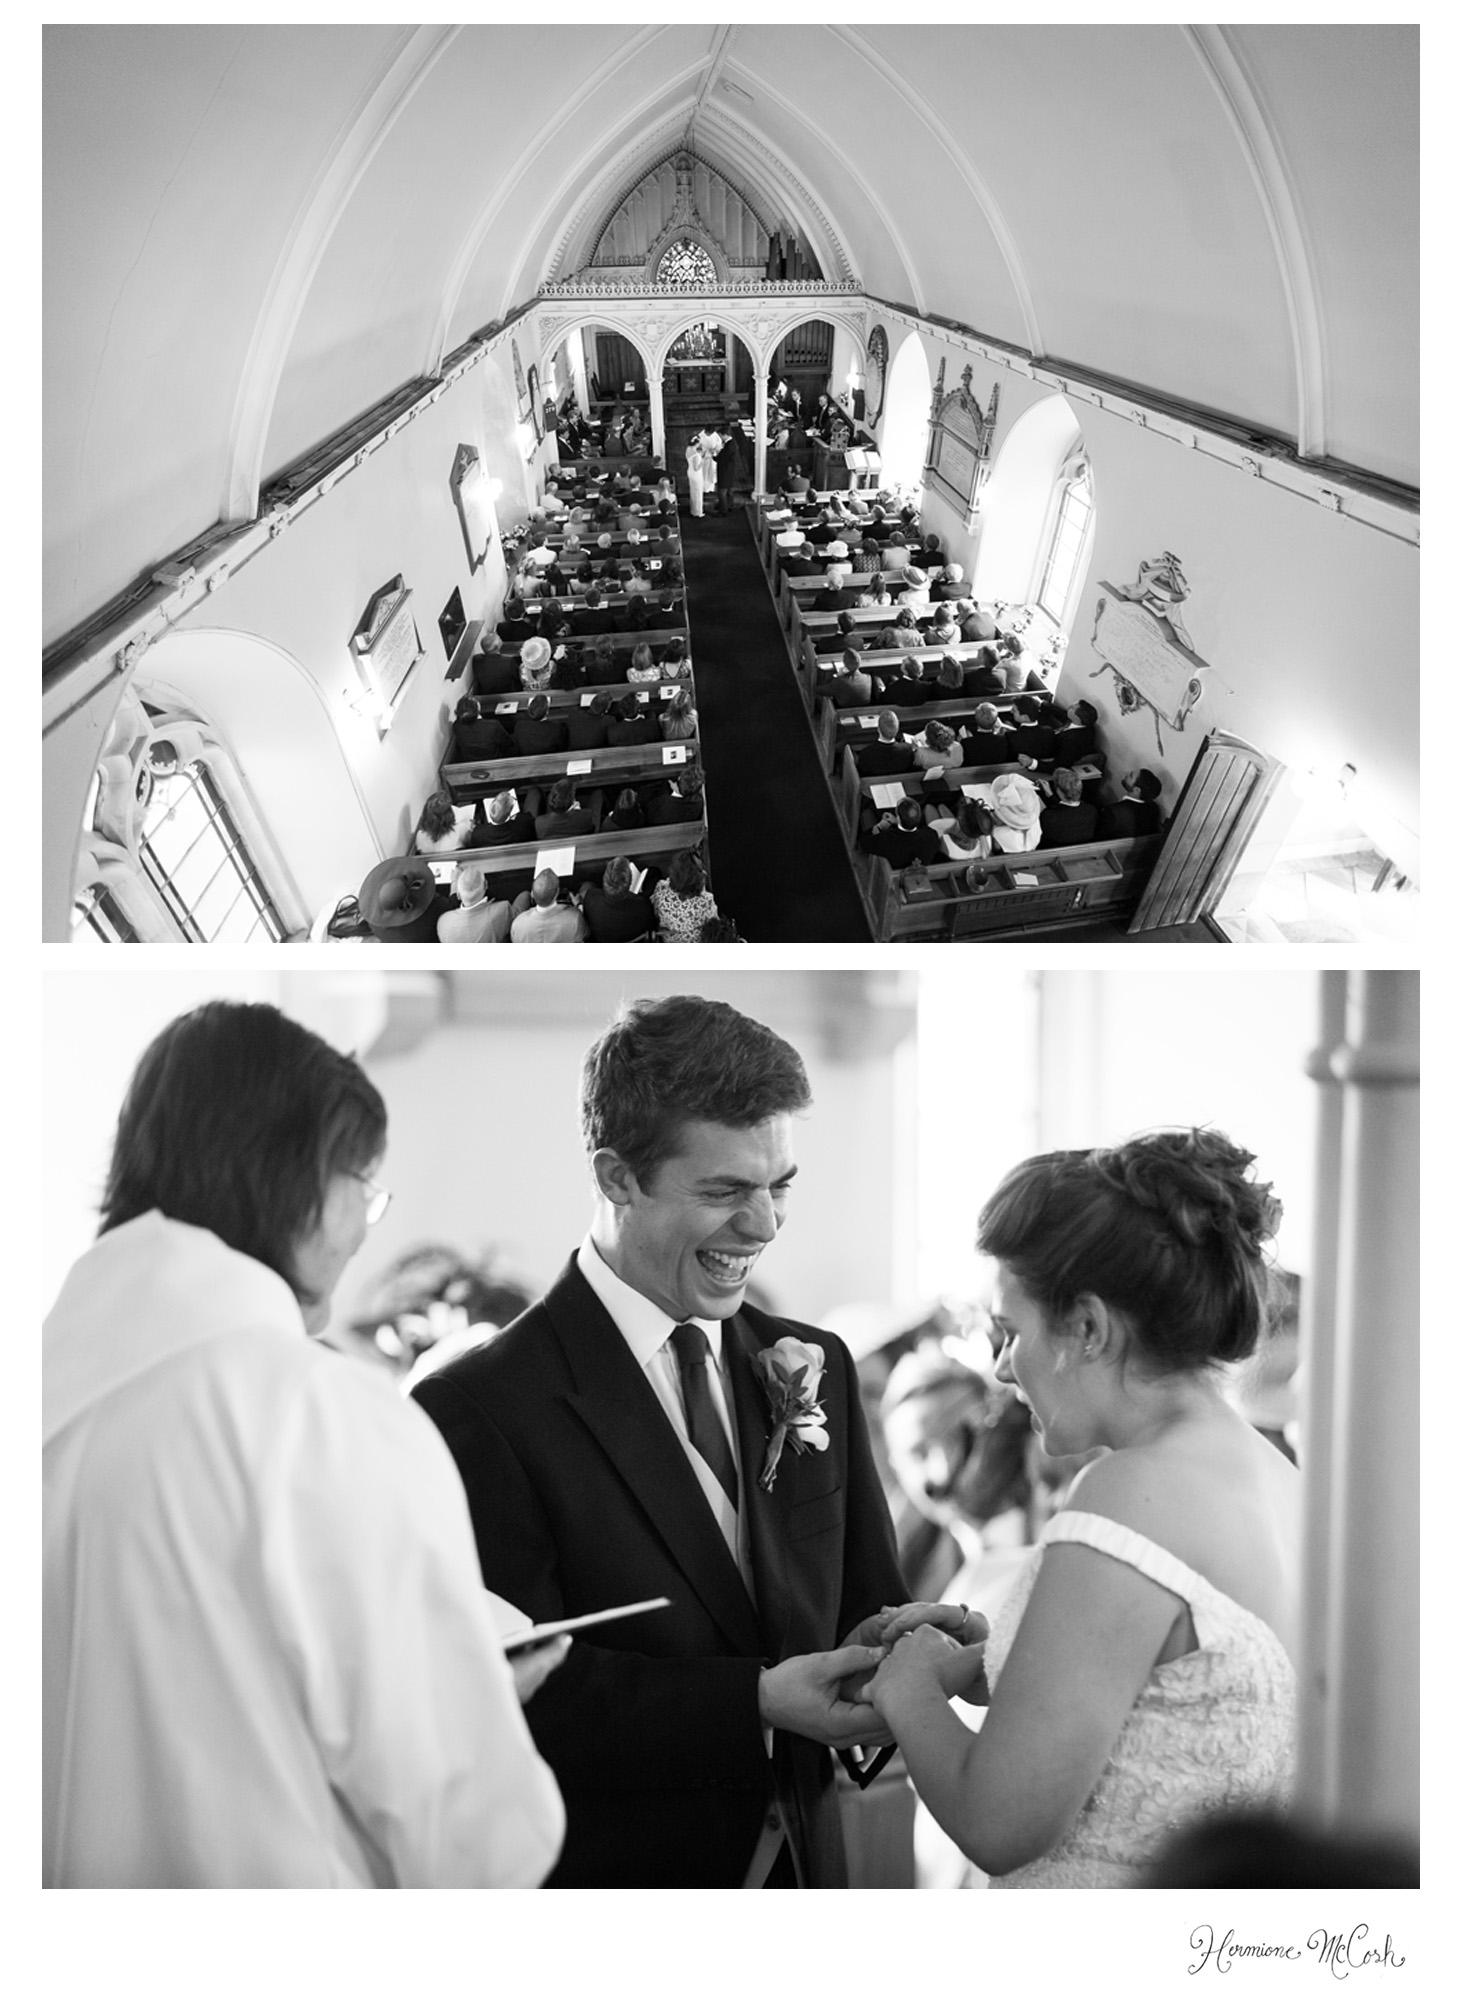 Hermione McCosh Photography Hampshire wedding UK